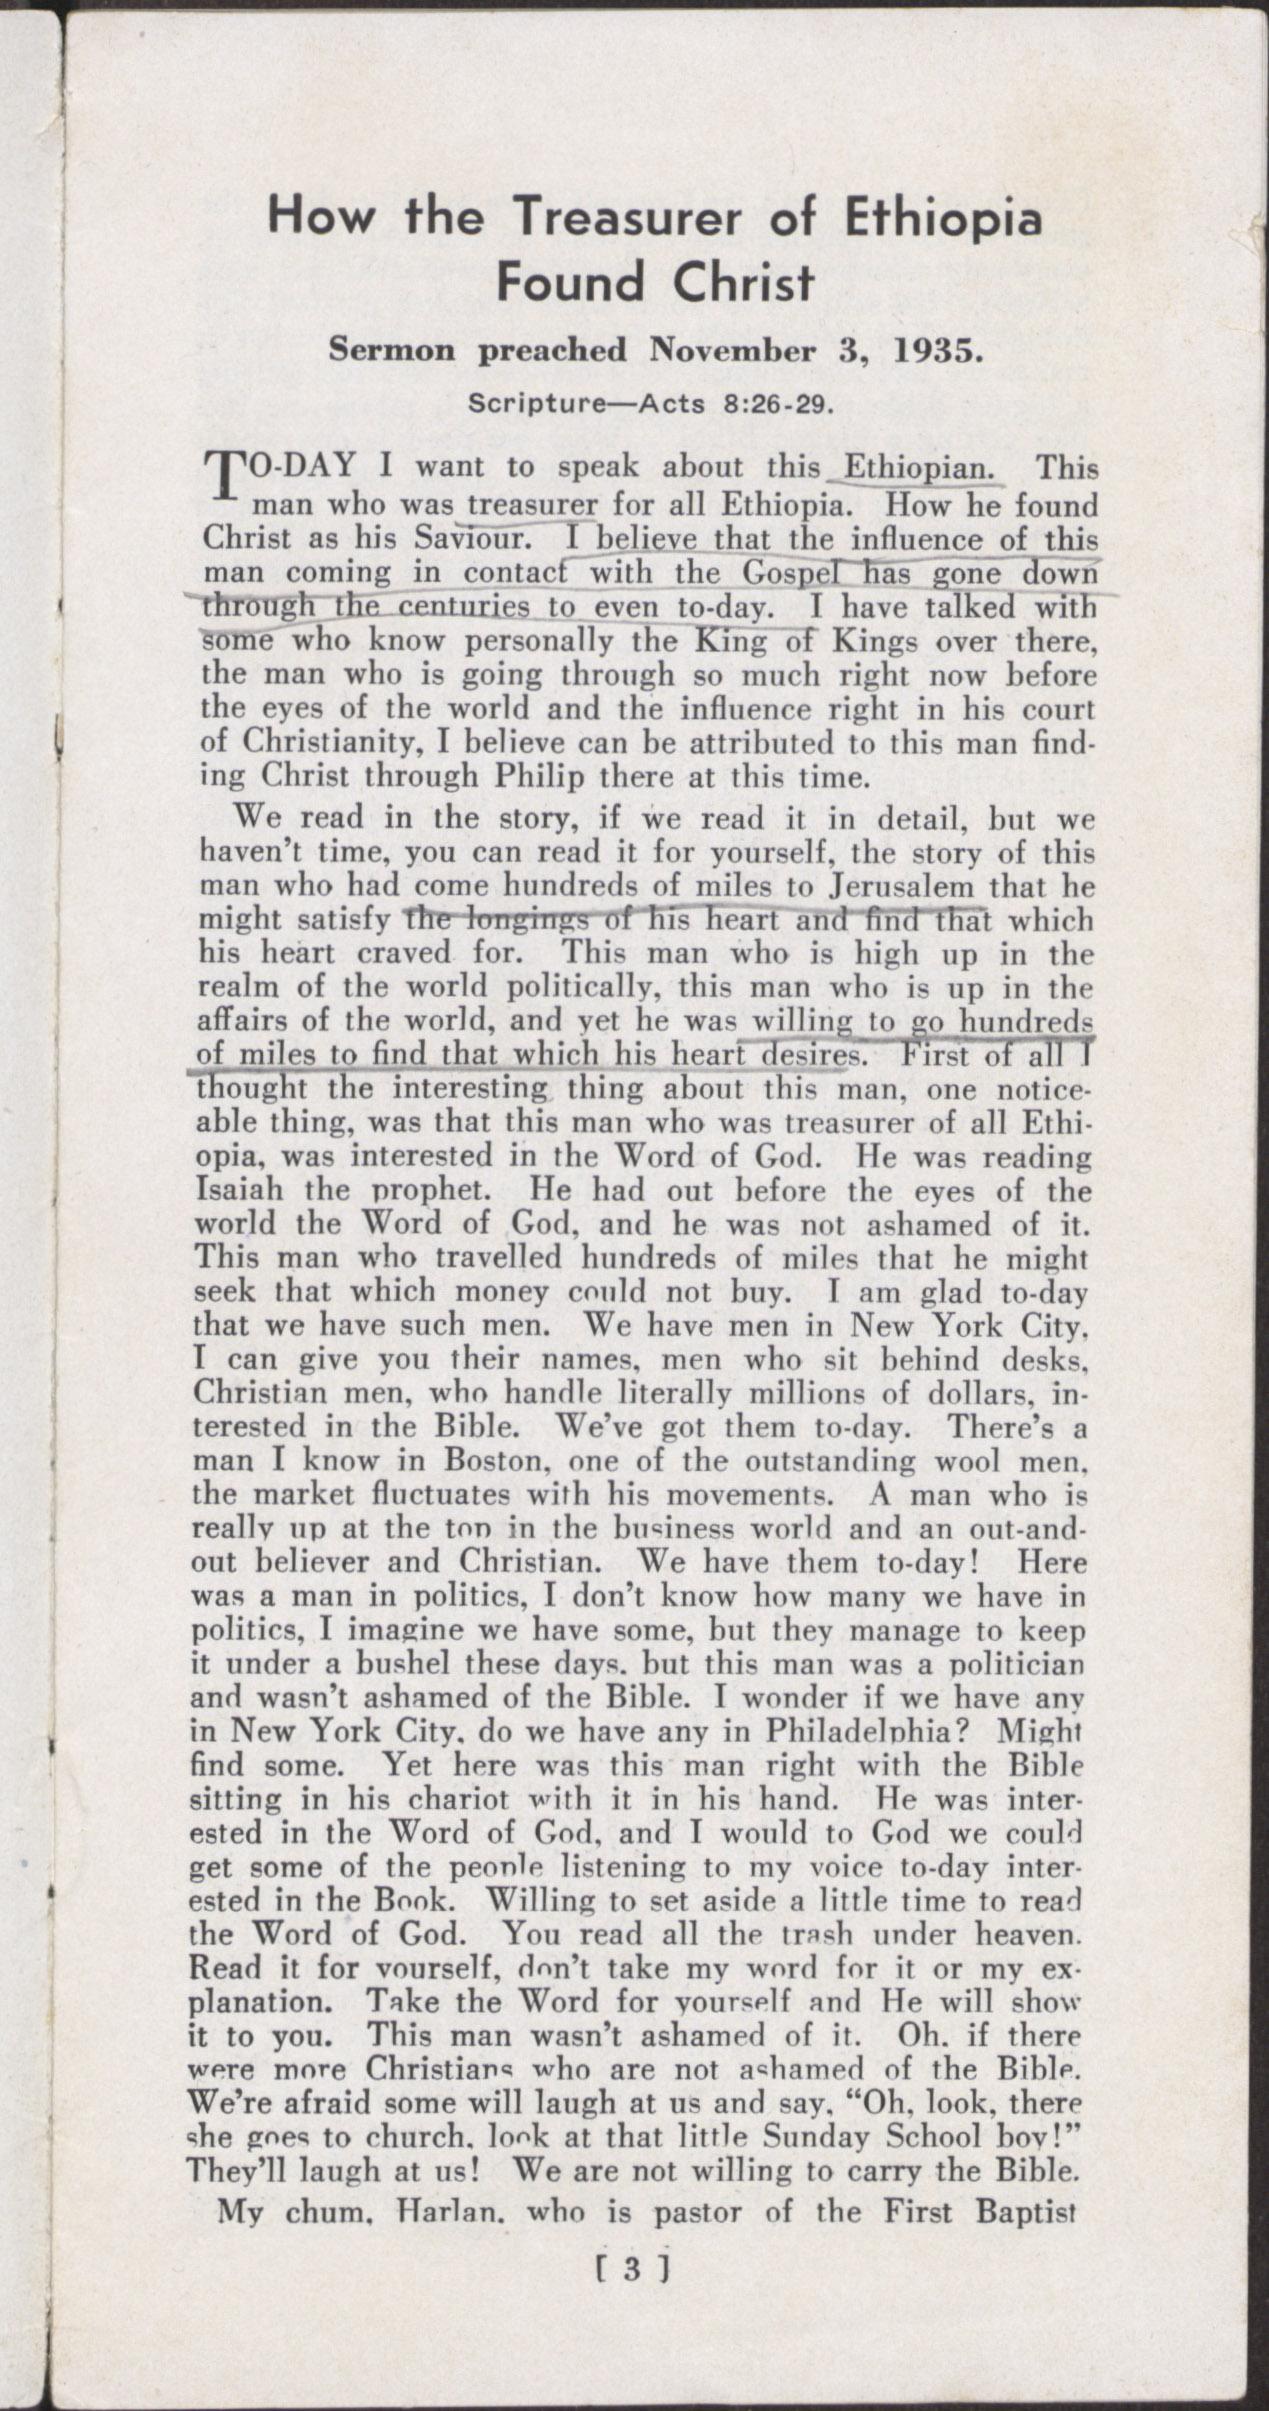 sermons193511-(3)